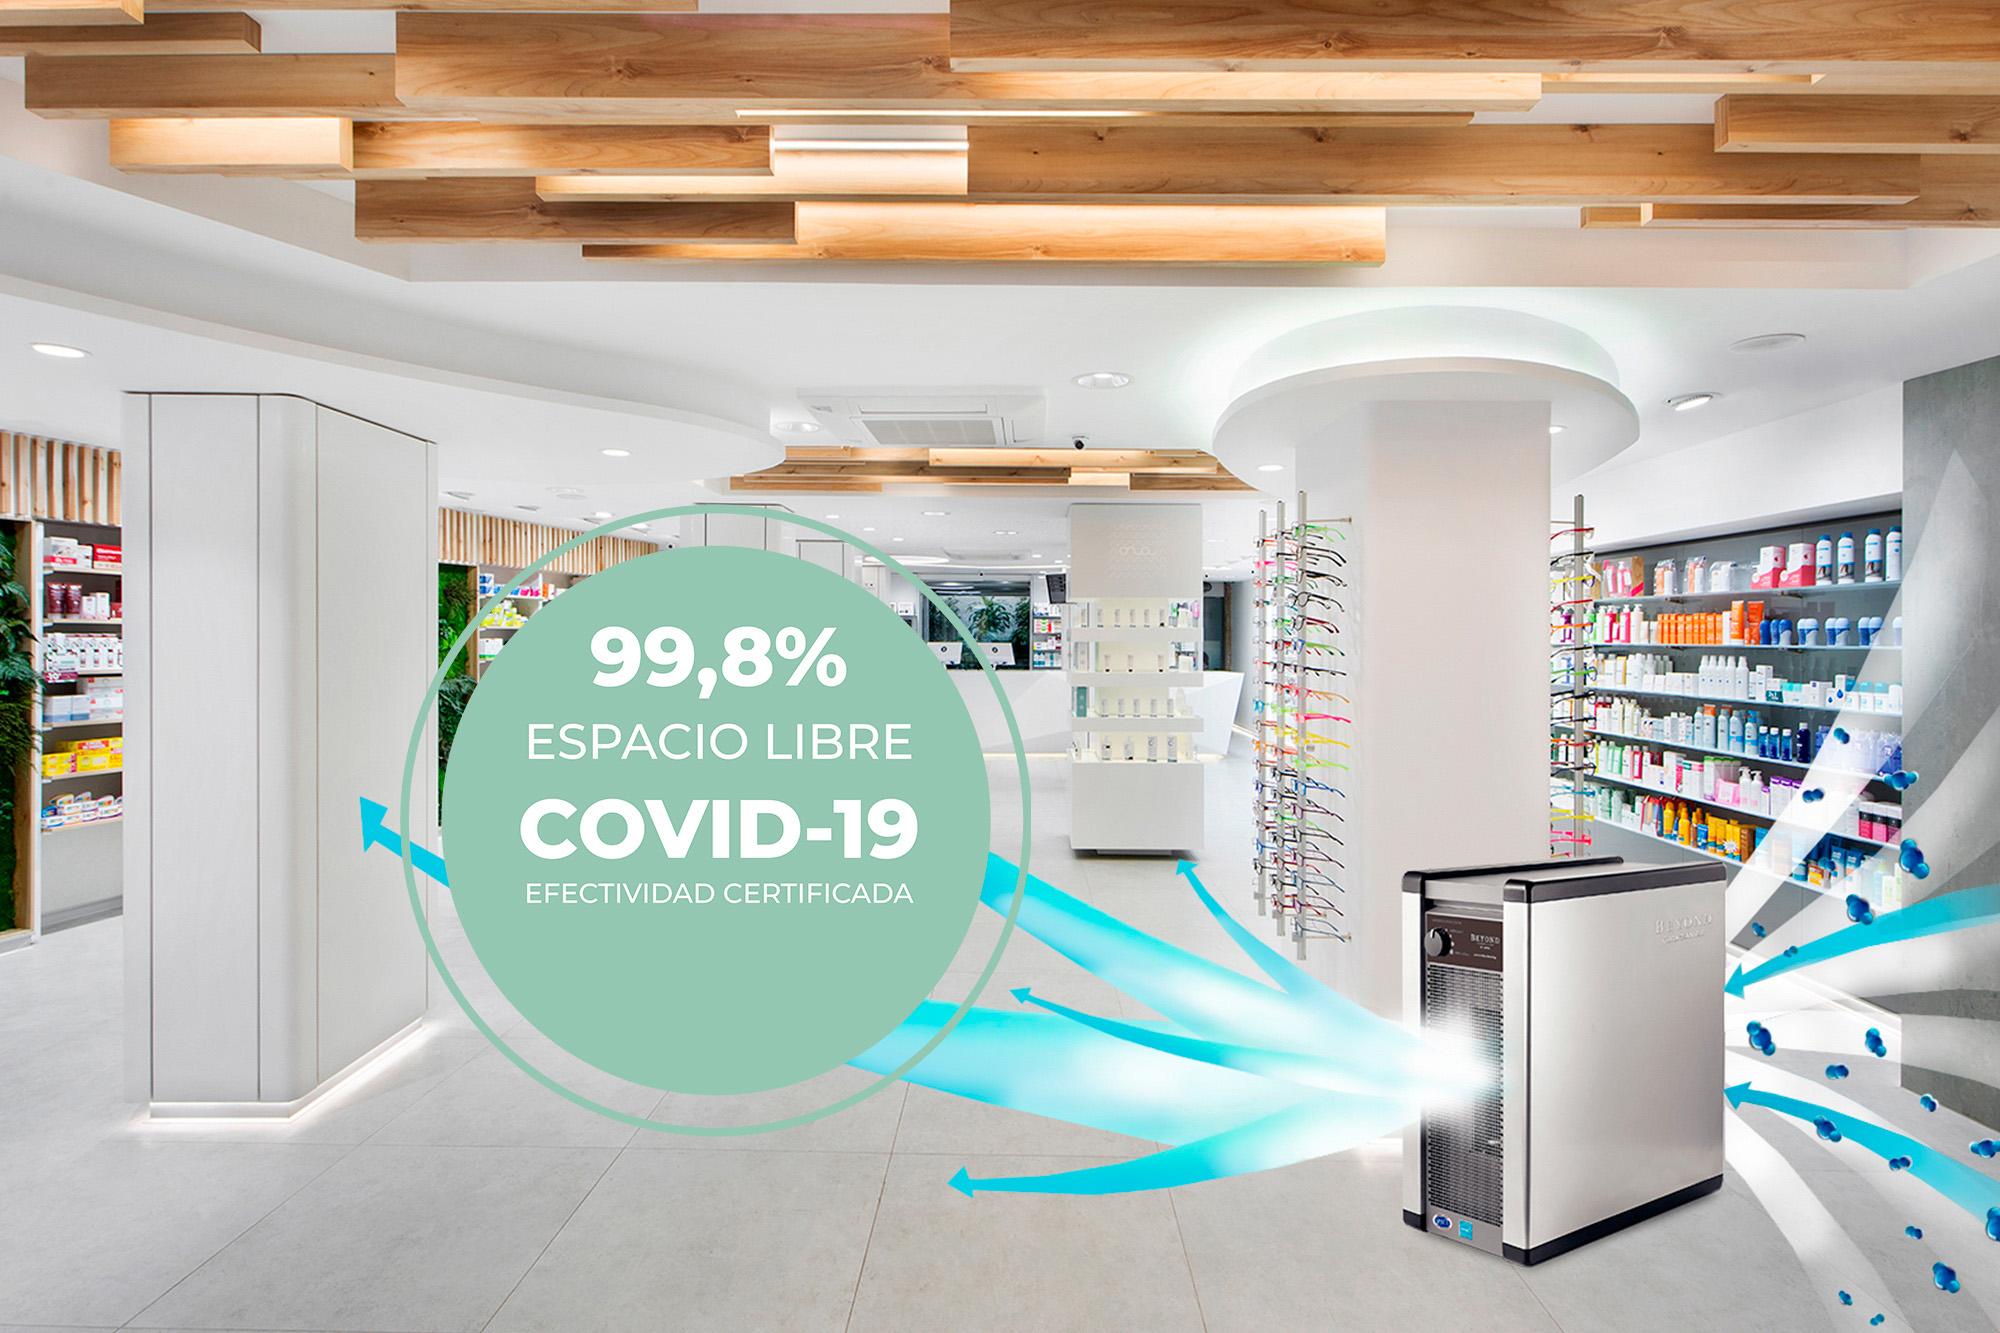 99,8% Espacio libre COVID-19 eficacia certificada